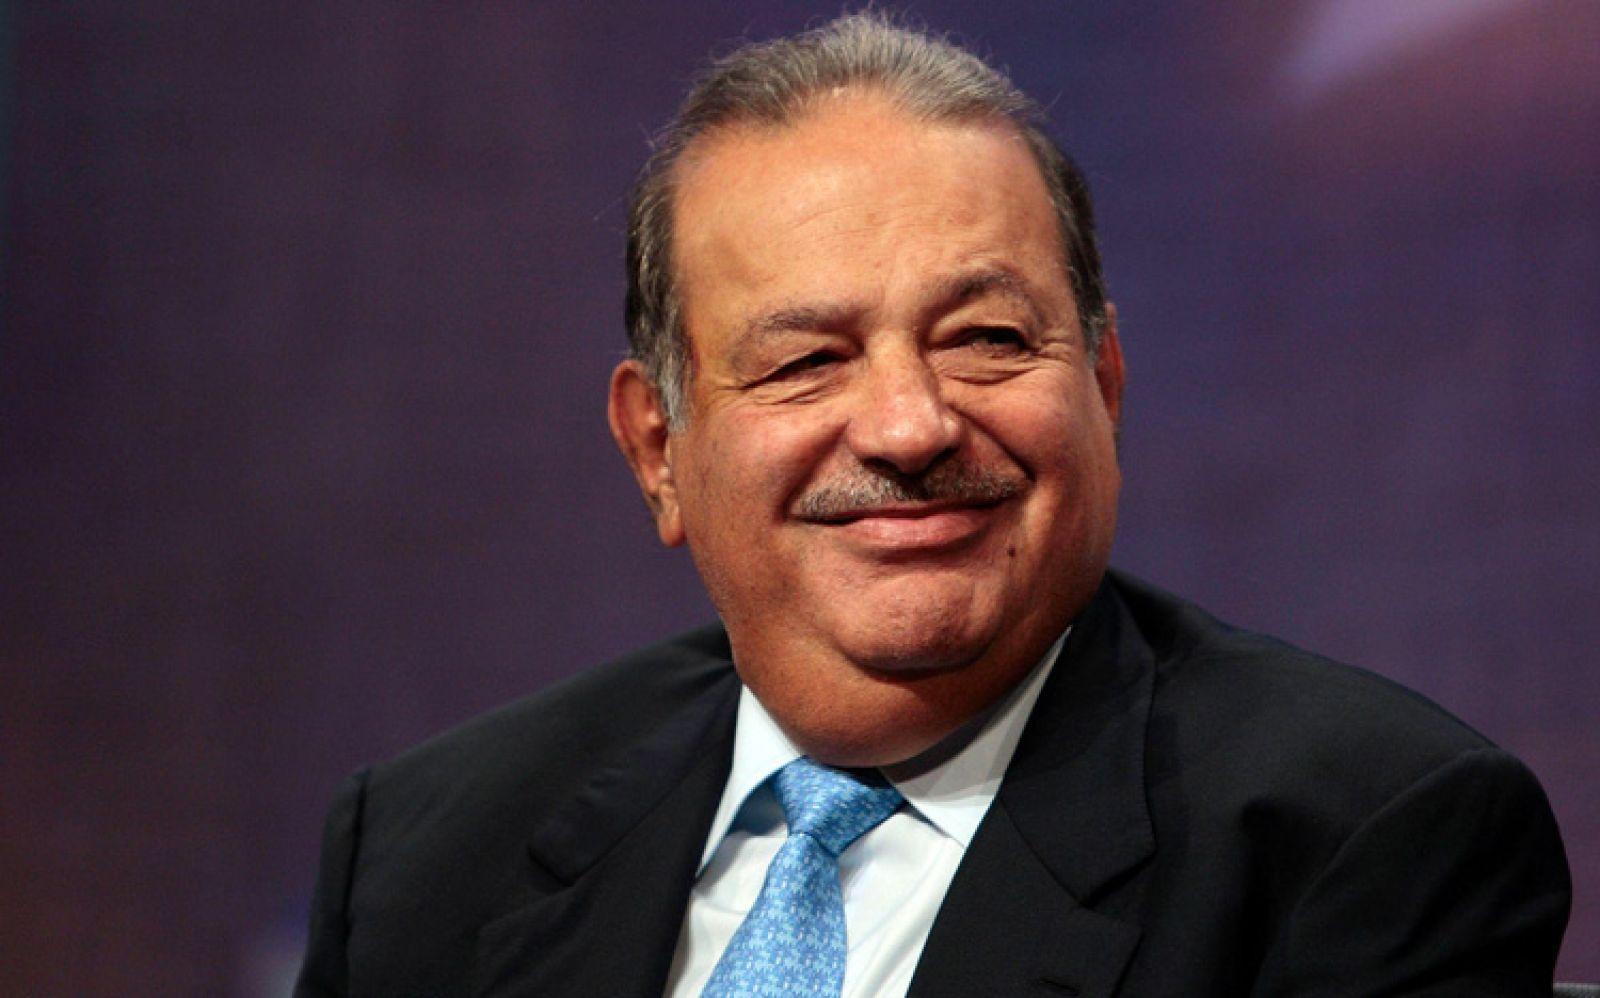 """Ba năm sau, cậu nhóc Slim khi đó đã trở thành một cổ đông của ngân hàng, và đến năm 17 tuổi đã có thể kiếm được 200 peso/tuần nhờ làm việc cho công ty do cha để lại. Vị tỷ phú vẫn tiếp tục đầu tư trong suốt thời cấp 3 và đã tham dự cuộc họp hội đồng quản trị lần đầu tiên của mình tại một công ty khai khoáng ngay khi còn là một thiếu niên, NBC News cho biết.p/Tốt nghiệp đại học với tấm bằng kỹ sư dân dụng, ông trùm kinh doanh bắt đầu mua cổ phiếu của nhiều công ty và từng bước gầy dựng cơ ngơi của mình. Tuy nhiên, phải đến năm 1982, khi nền kinh tế Mexico gặp phải cơn suy thoái, thì Slim mới có bước nhảy vọt. Tận dụng tình hình lúc đó, Slim đã đầu tư vào một loạt các công ty Mexico với giá thấp kỷ lục. Được biết, hiện tại, danh mục đầu tư của người giàu nhất Mexico lên tới 200 công ty tại quê nhà, nhiều công ty ở Mỹ, và ông thậm chí còn là cổ đông lớn nhất của tờ báo New York Times.p/Vị tỷ phú chia sẻ: """"Cha đã dạy tôi rằng, con phải tiếp tục đầu tư và tái đầu tư vào các doanh nghiệp, kể cả trong thời kỳ khủng hoảng"""